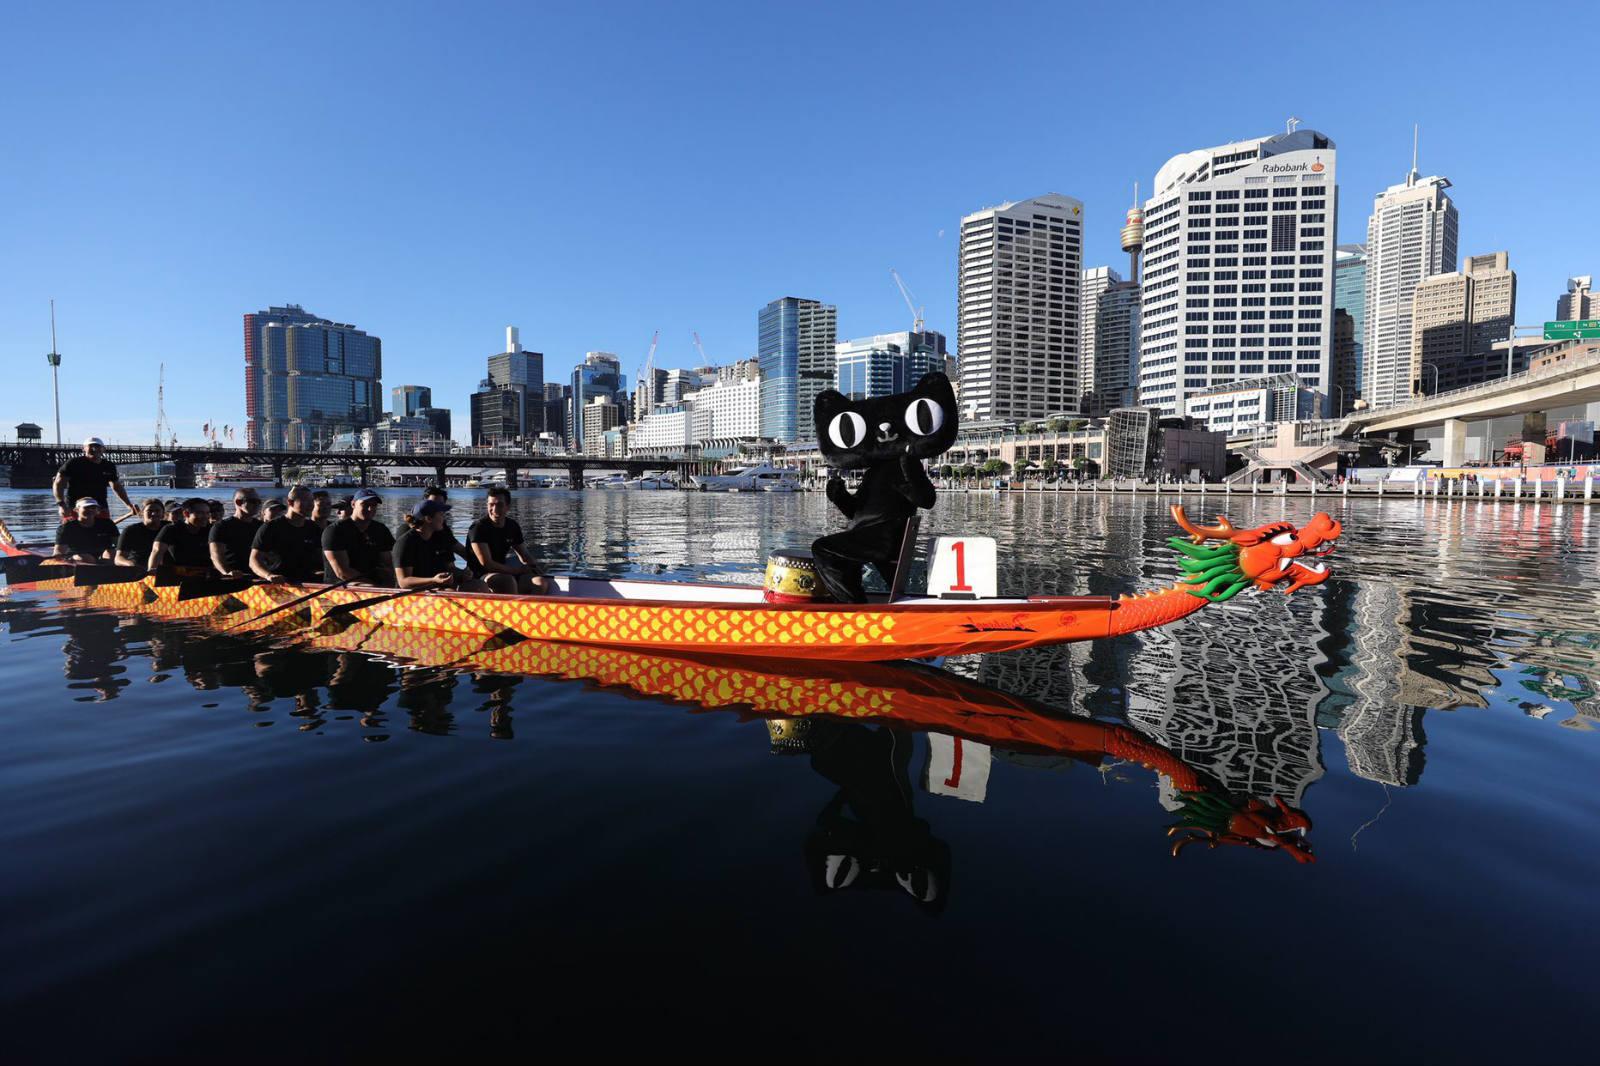 在迎接端午节的到来,澳洲华人王娇娇在天猫上购买一艘来自杭州千岛湖的龙舟行驶在澳洲悉尼情人港2_meitu_5